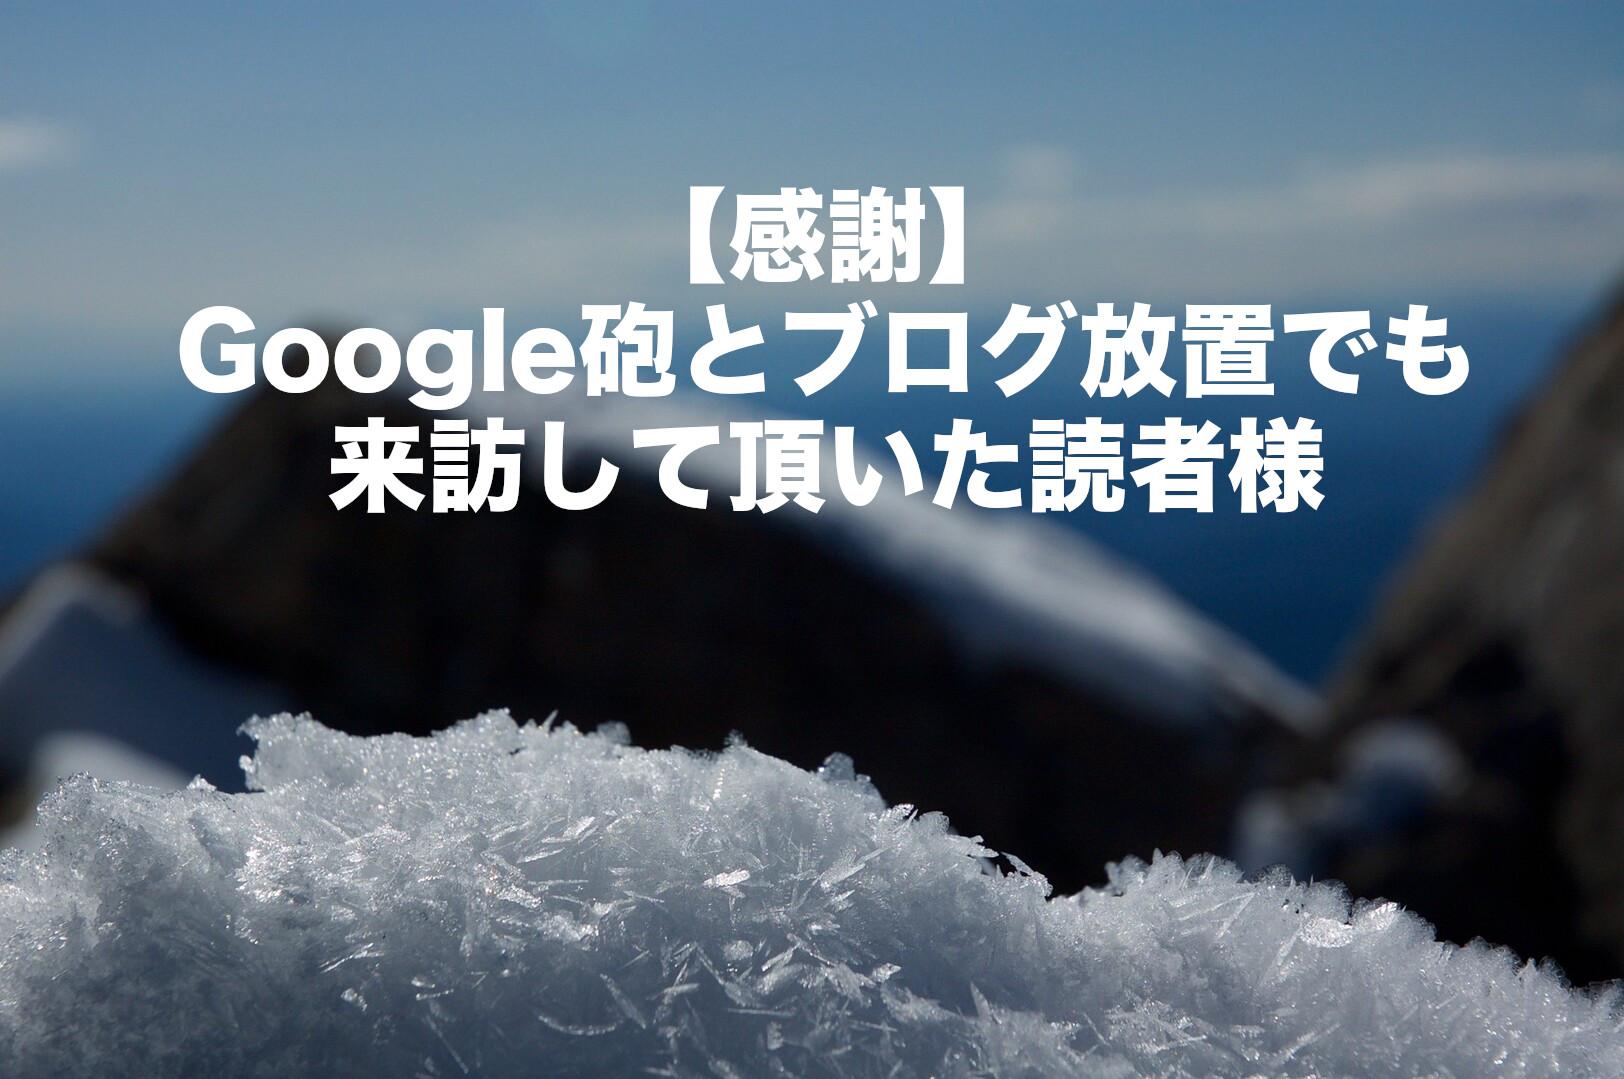 【感謝】Google砲とブログ放置でも来訪して頂いた読者様